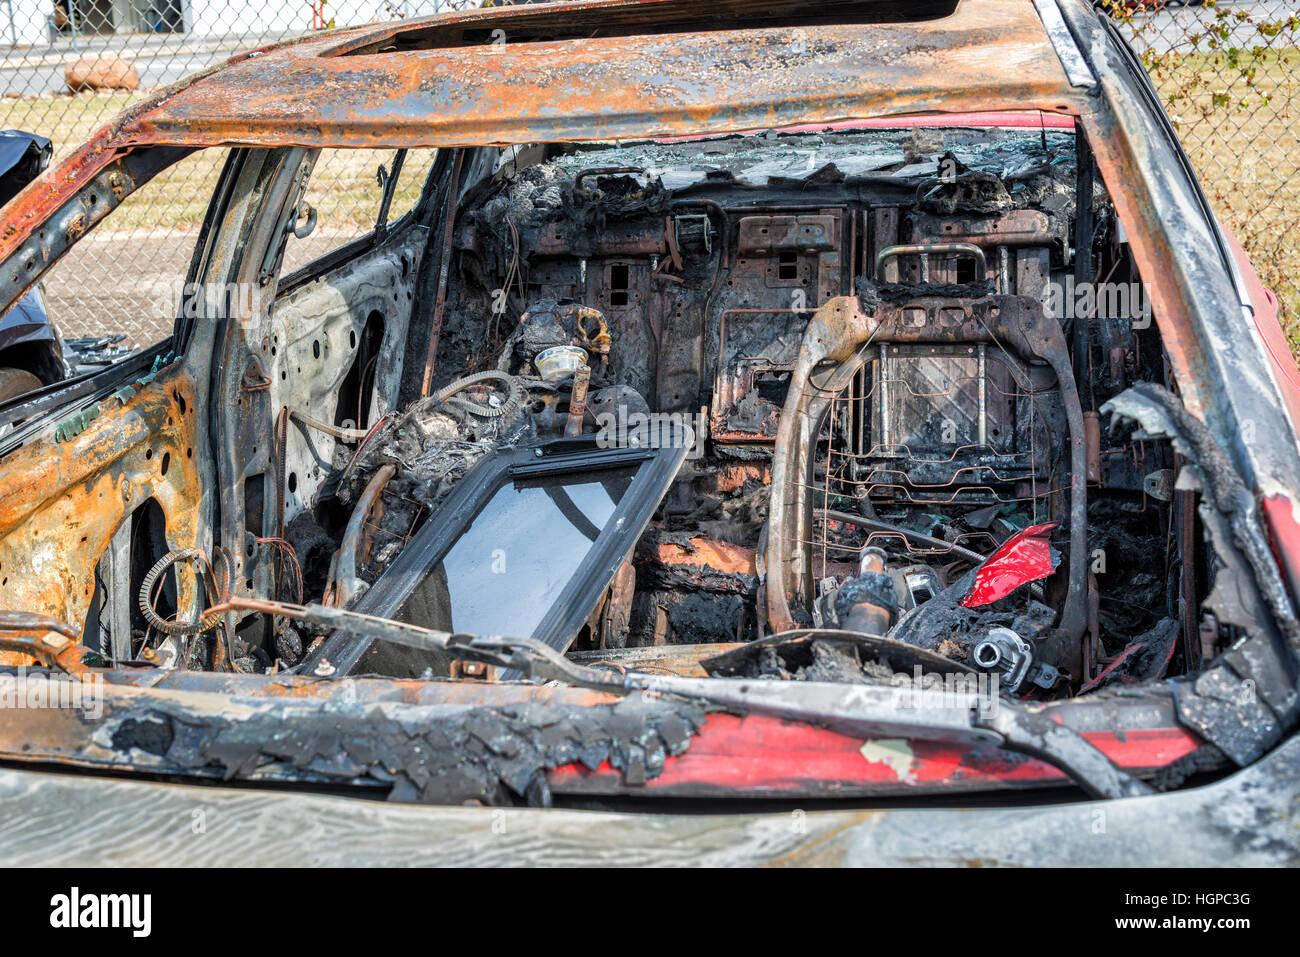 Das verkohlte Innere eines Automobils, die durch ein Auto Feuer völlig zerstört wurde.  Brandstiftung Stockbild